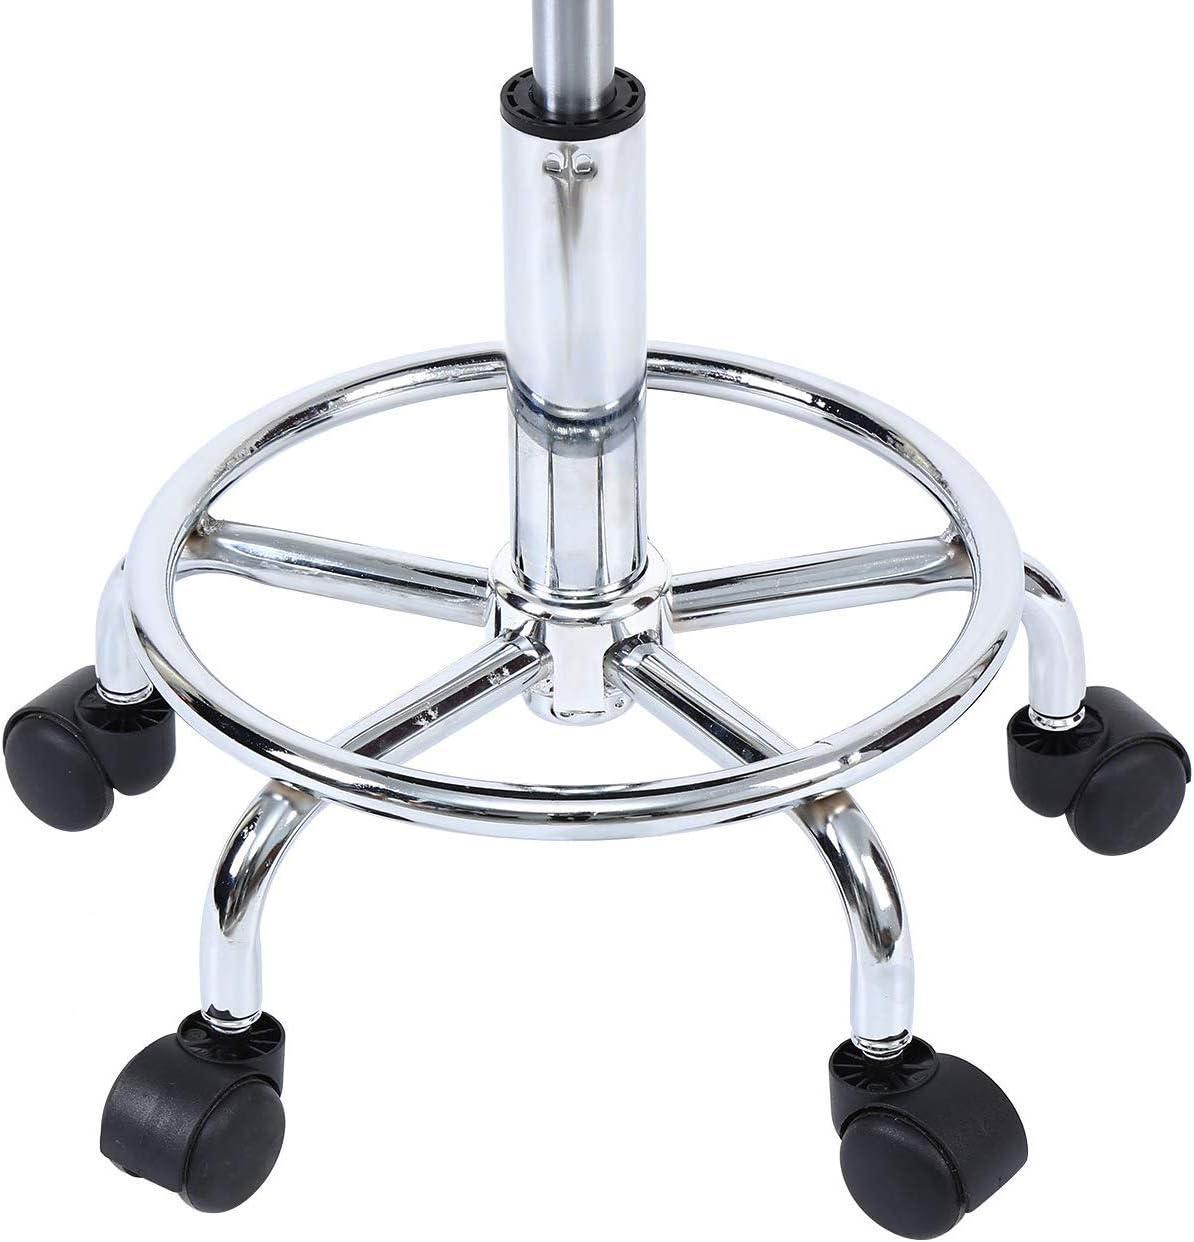 Schwarz XuanYue Drehhocker Arbeitshocker Rollhocker mit R/ückenlehne B/ürostuhl H/öhenverstellbar Rollen 360/° Drehbar